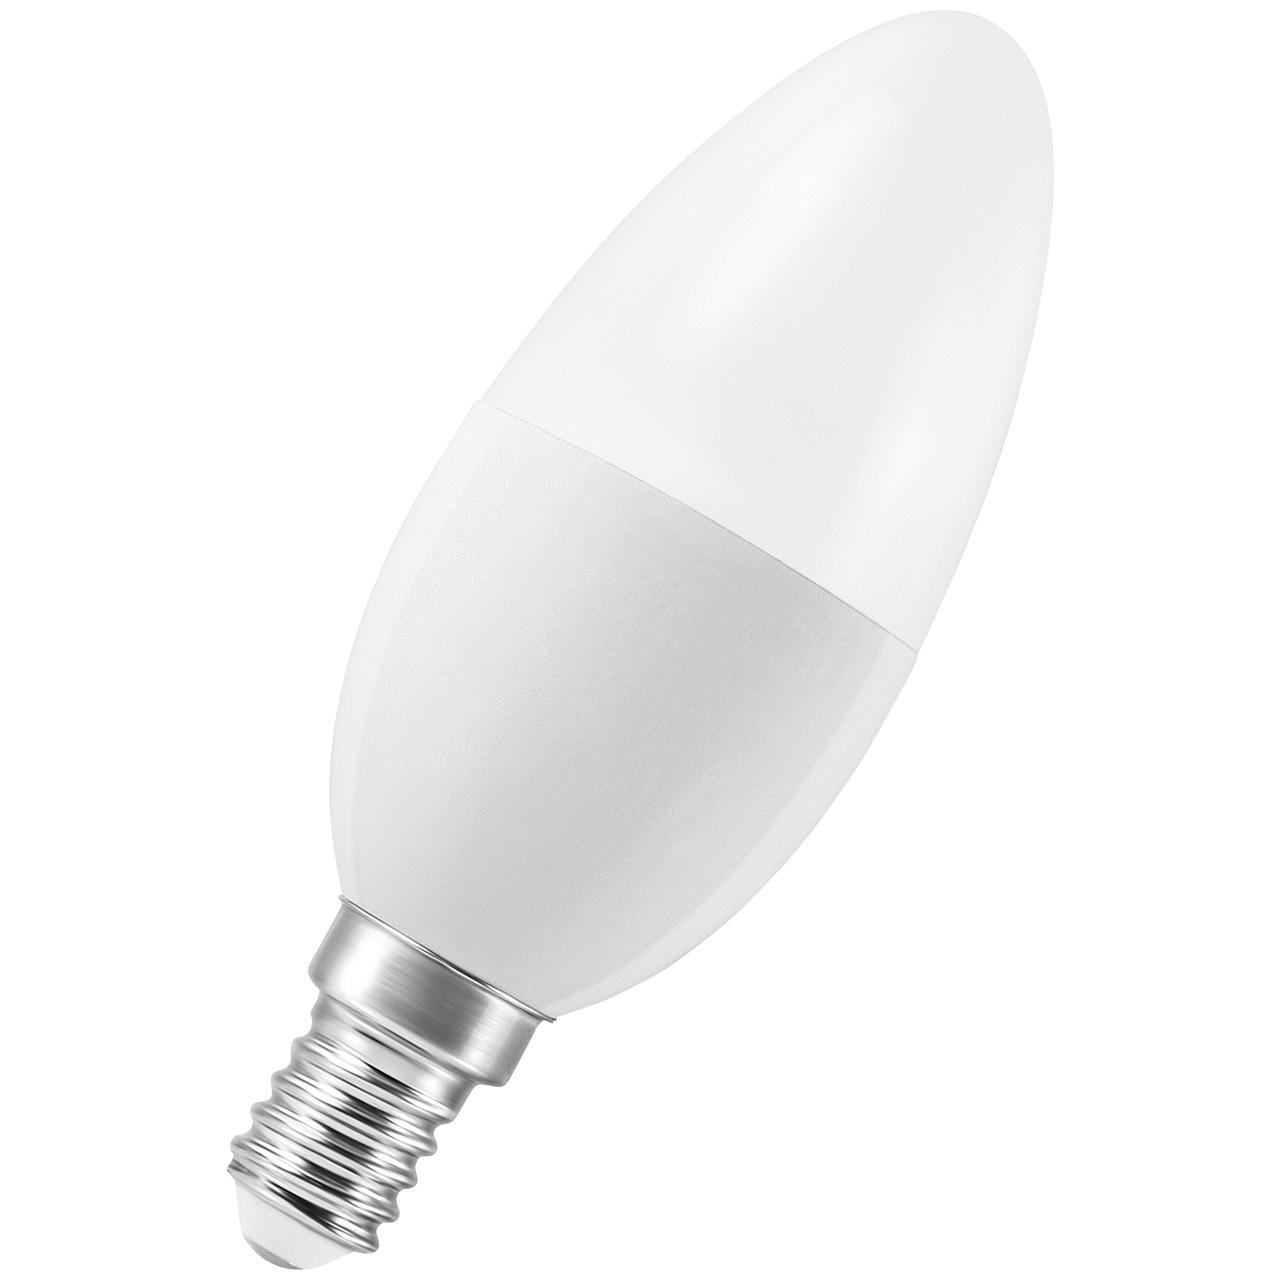 Ledvance SMART+ 6-W-LED-Kerzenlampe E14- dimmbar- ZigBee- Sprachsteuerung möglich